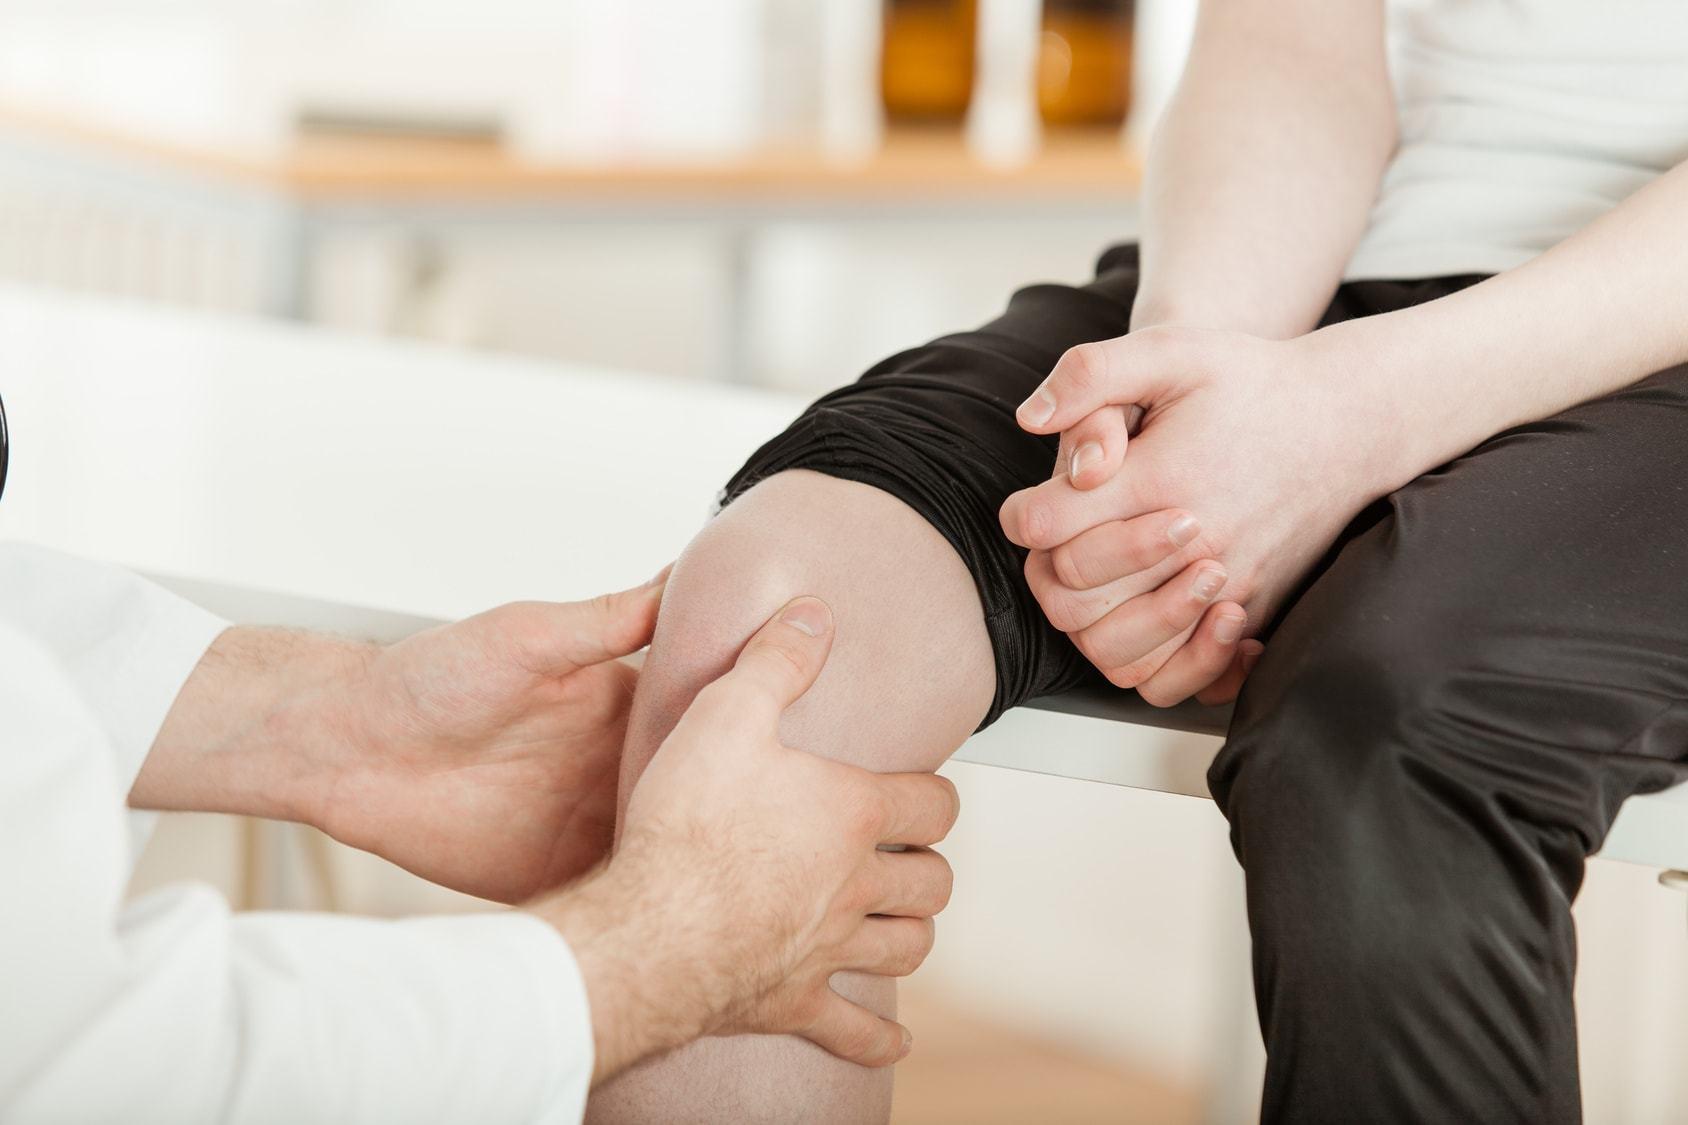 Причины появления болей в суставах ног – полный анализ, диагностика и лечение